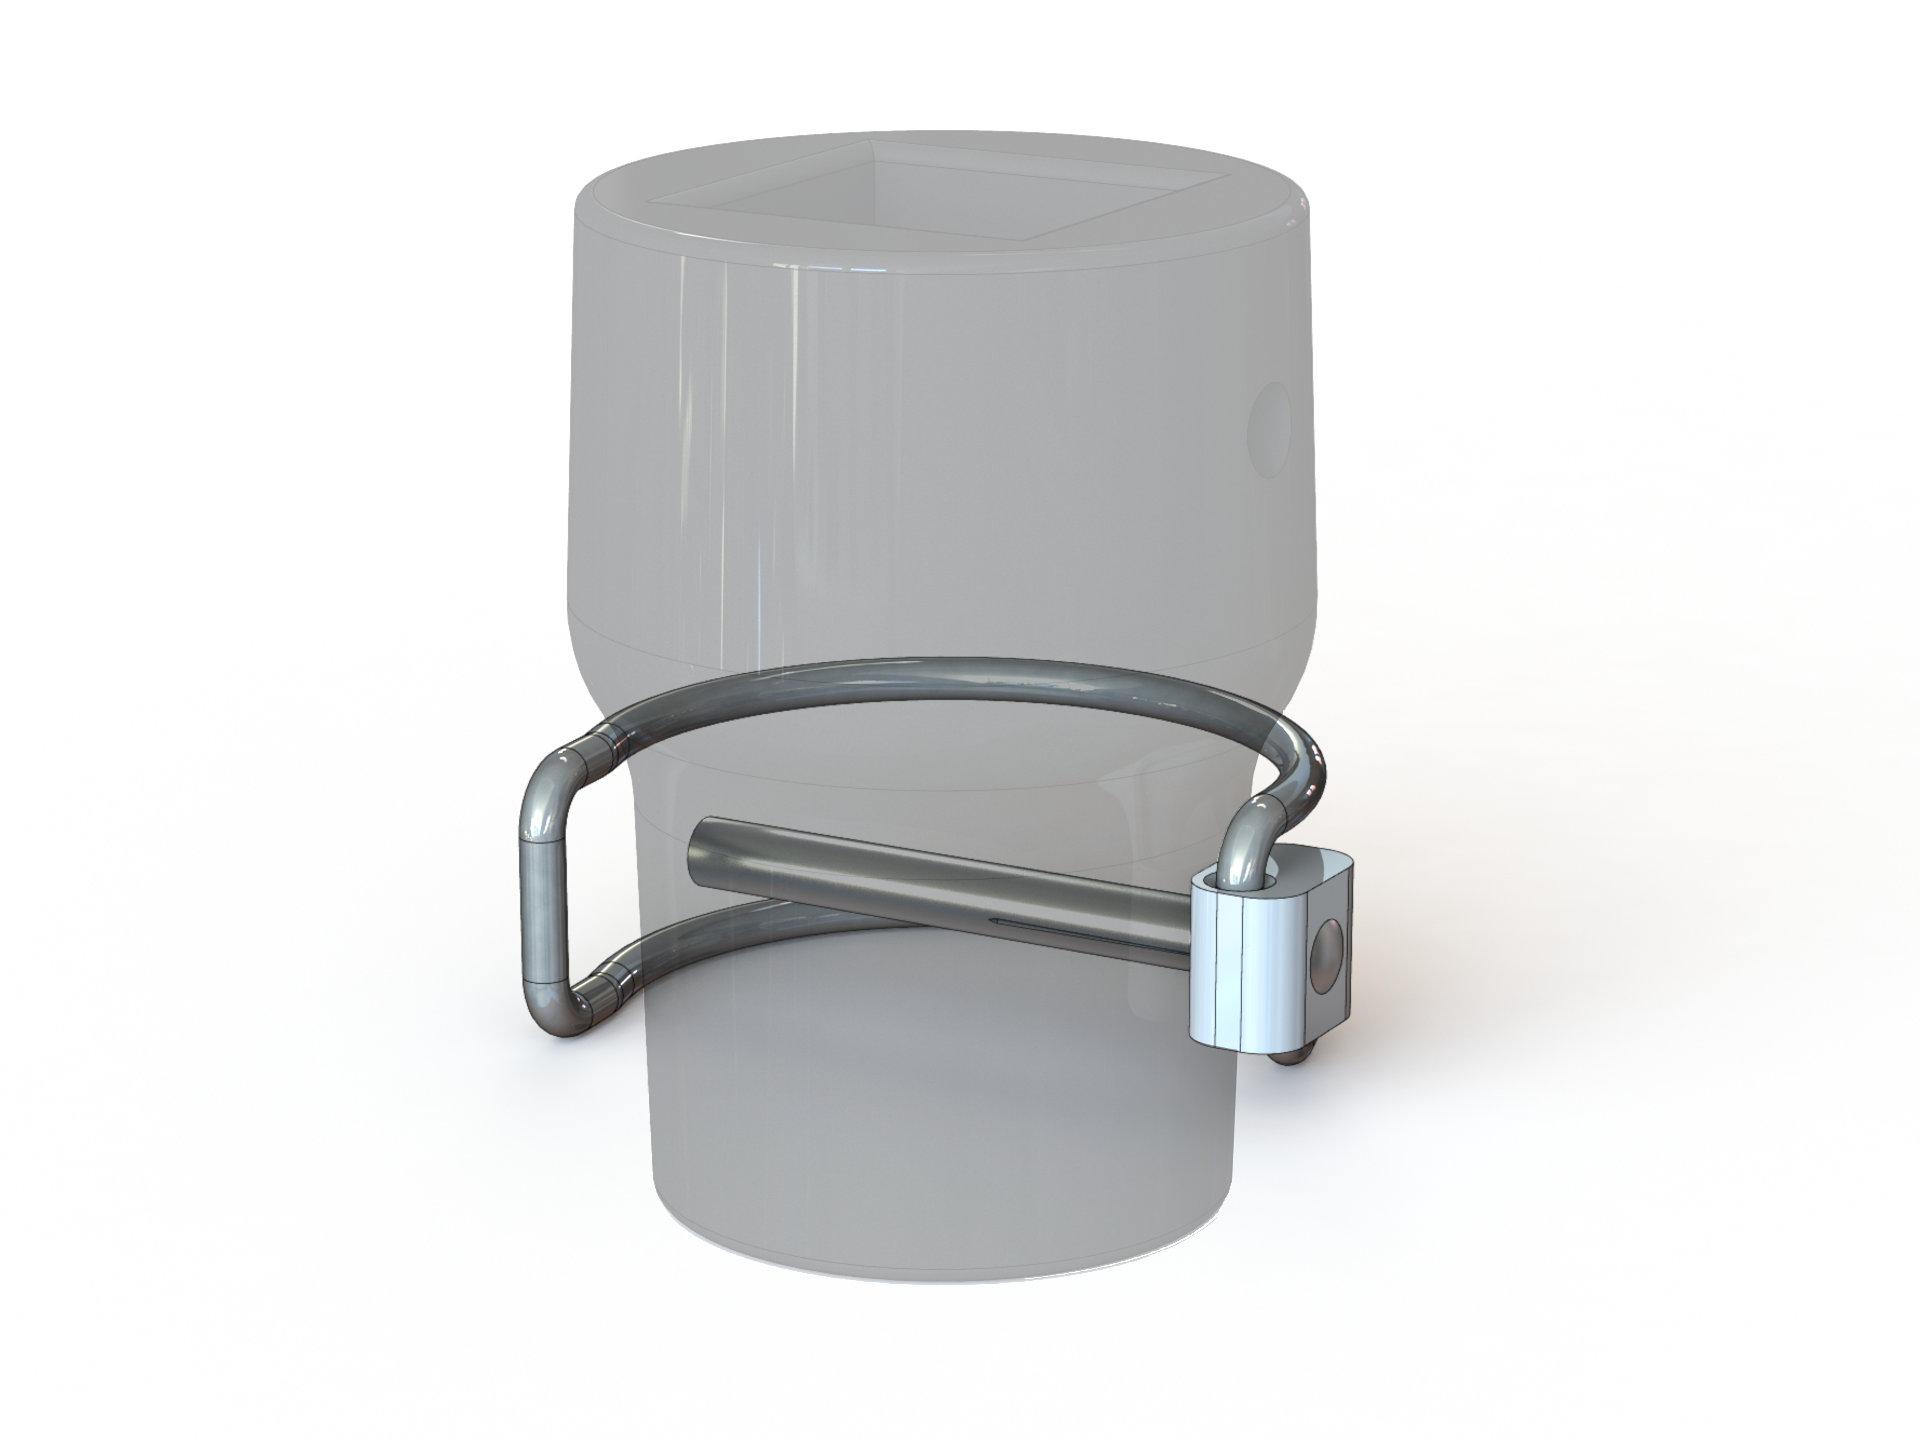 FKS-Spindelseitig-Hausanschluss-Hybrid-durchsichtig